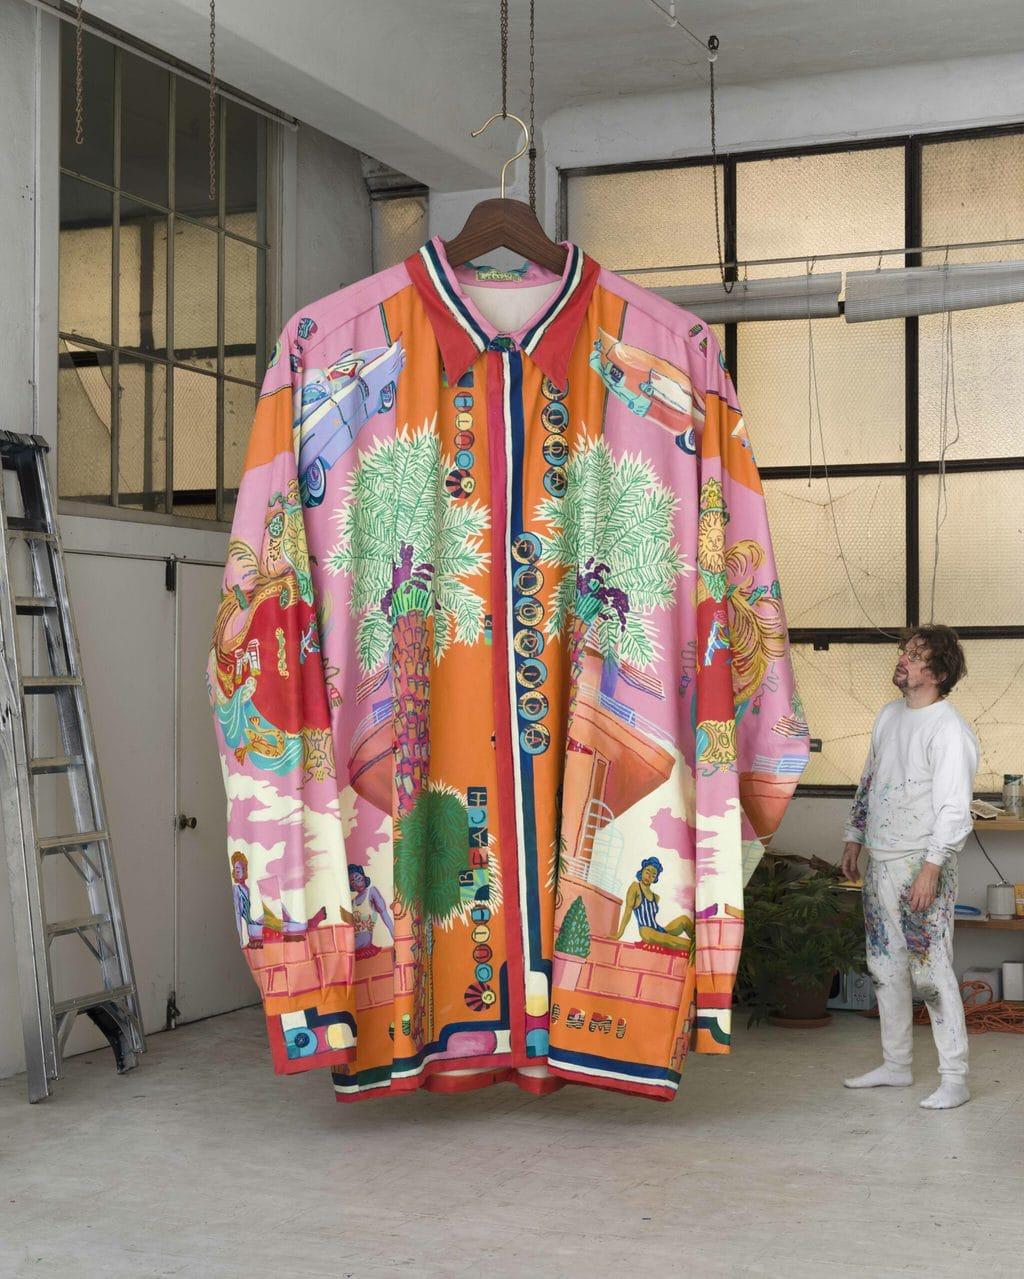 Een overgrote jack in Versace design in de tentoonstelling Look in museum Marta te Herford